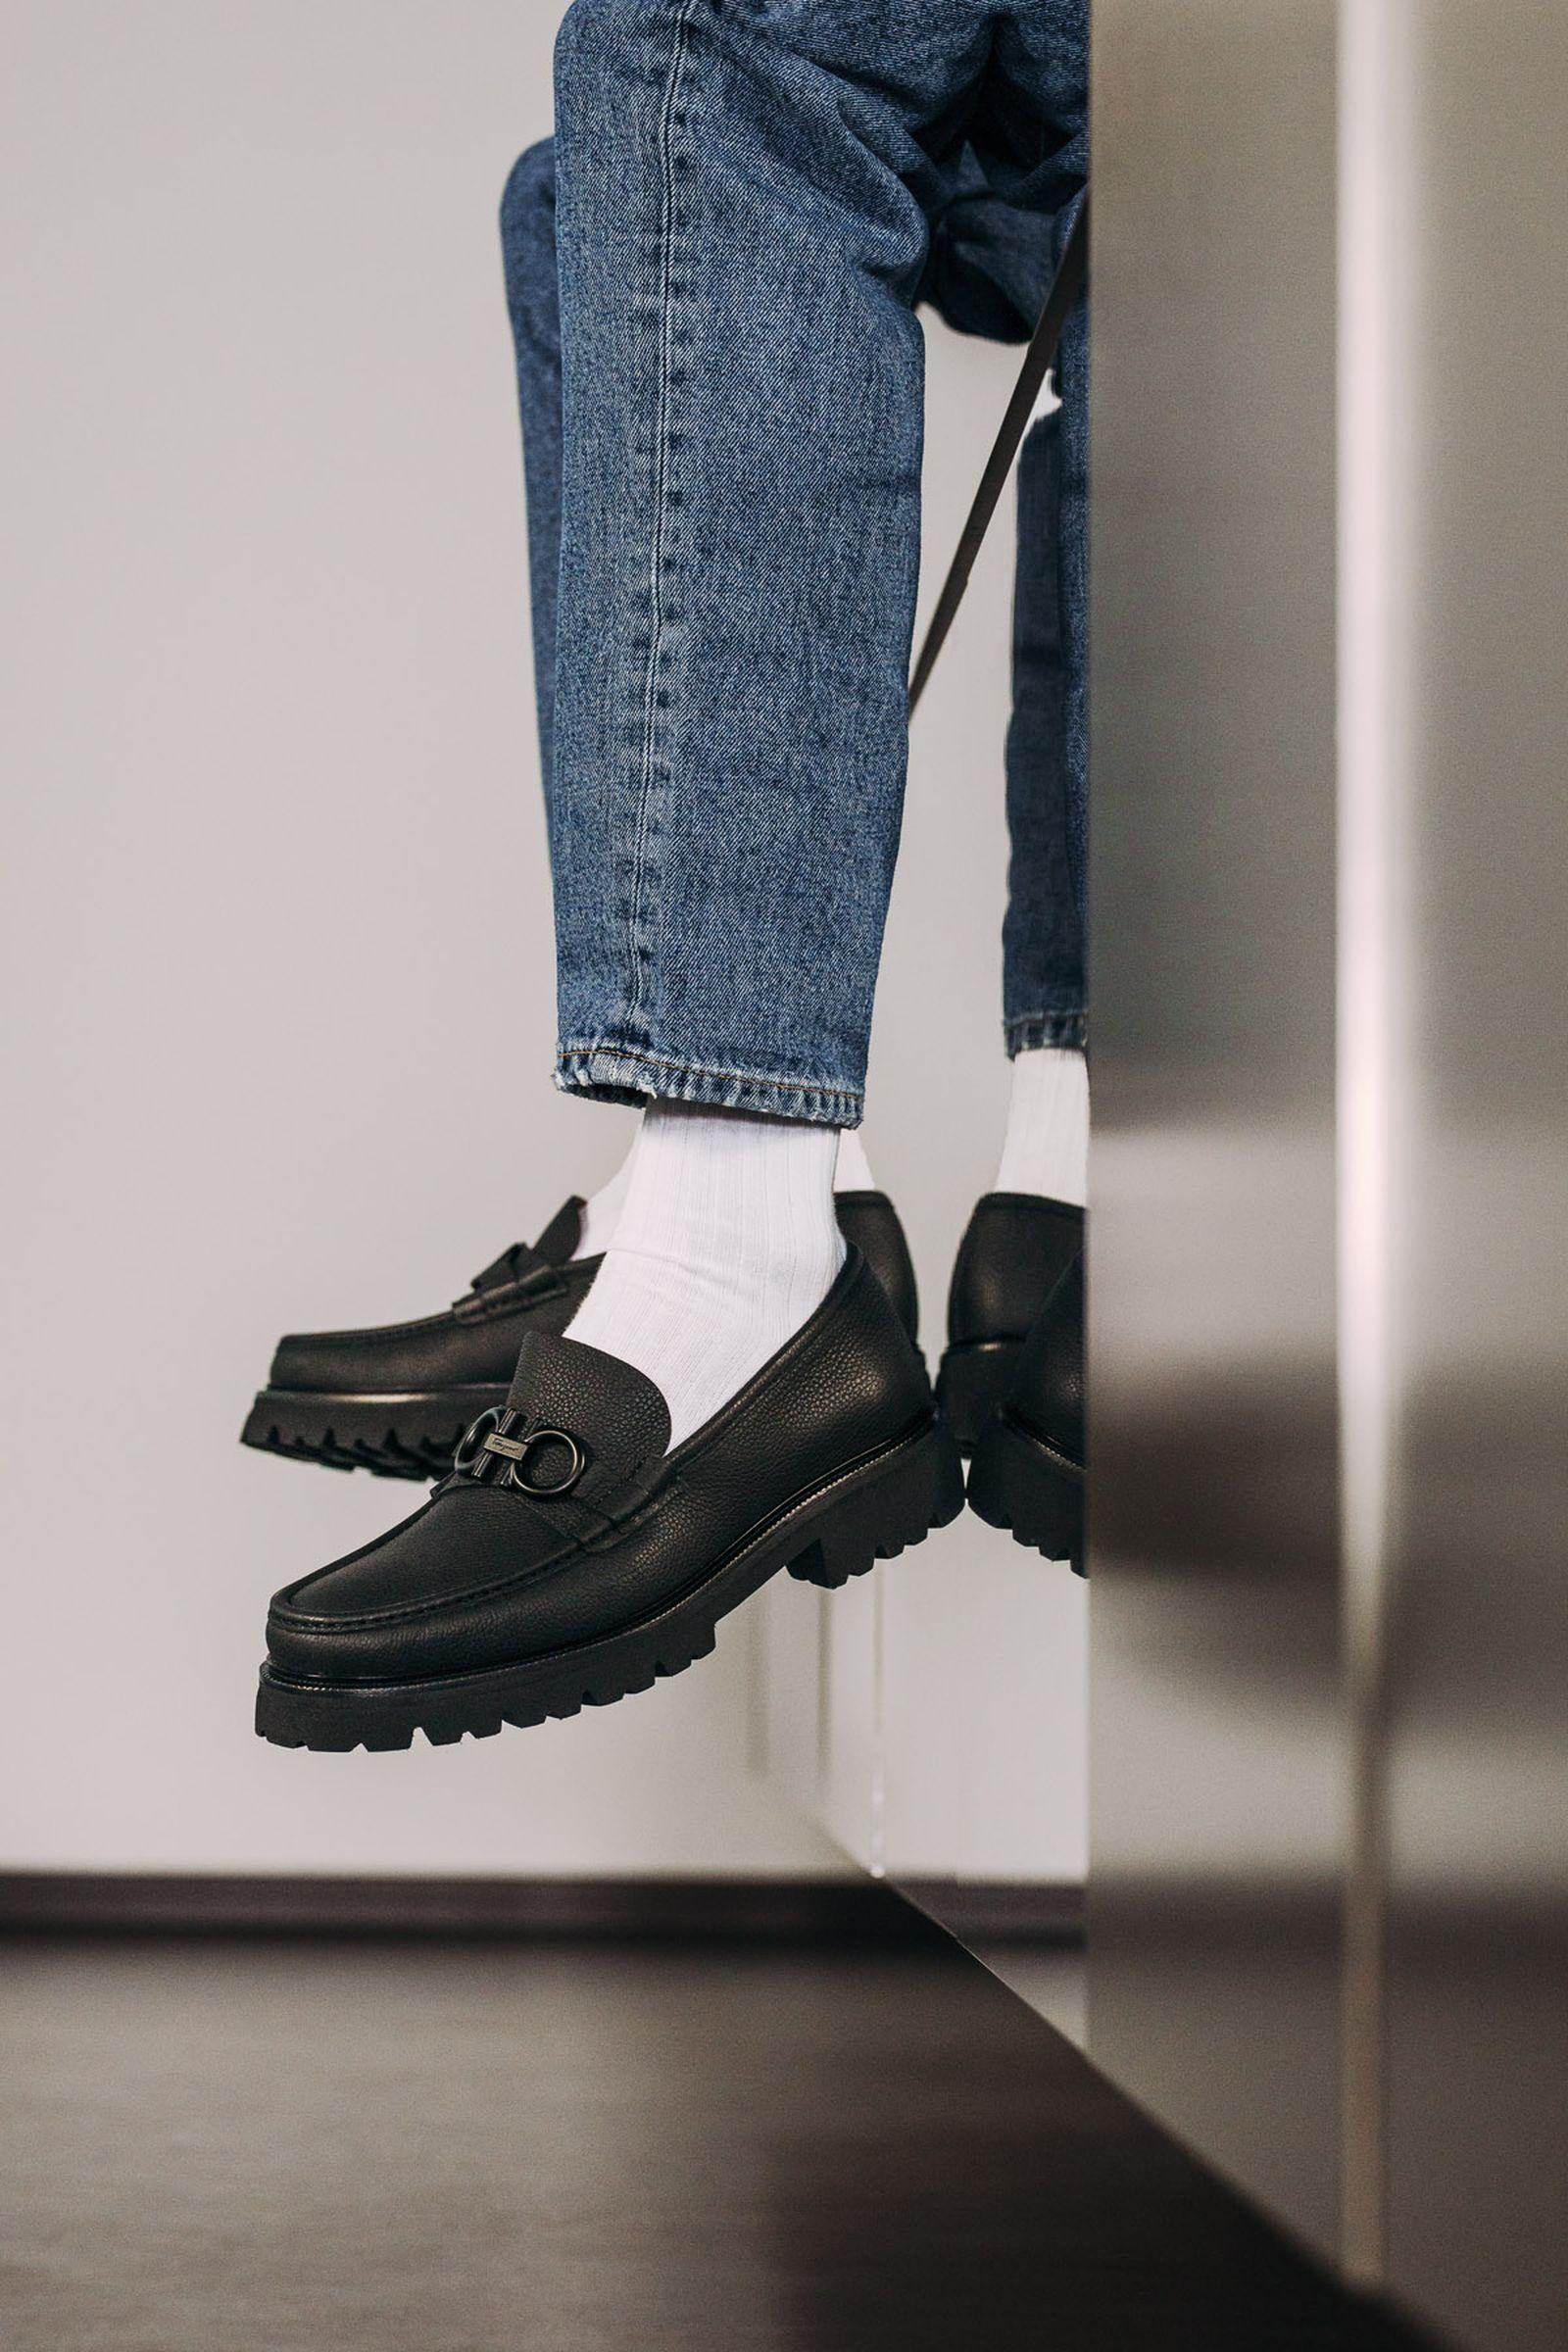 ferragamo-footwear-style-guide-14